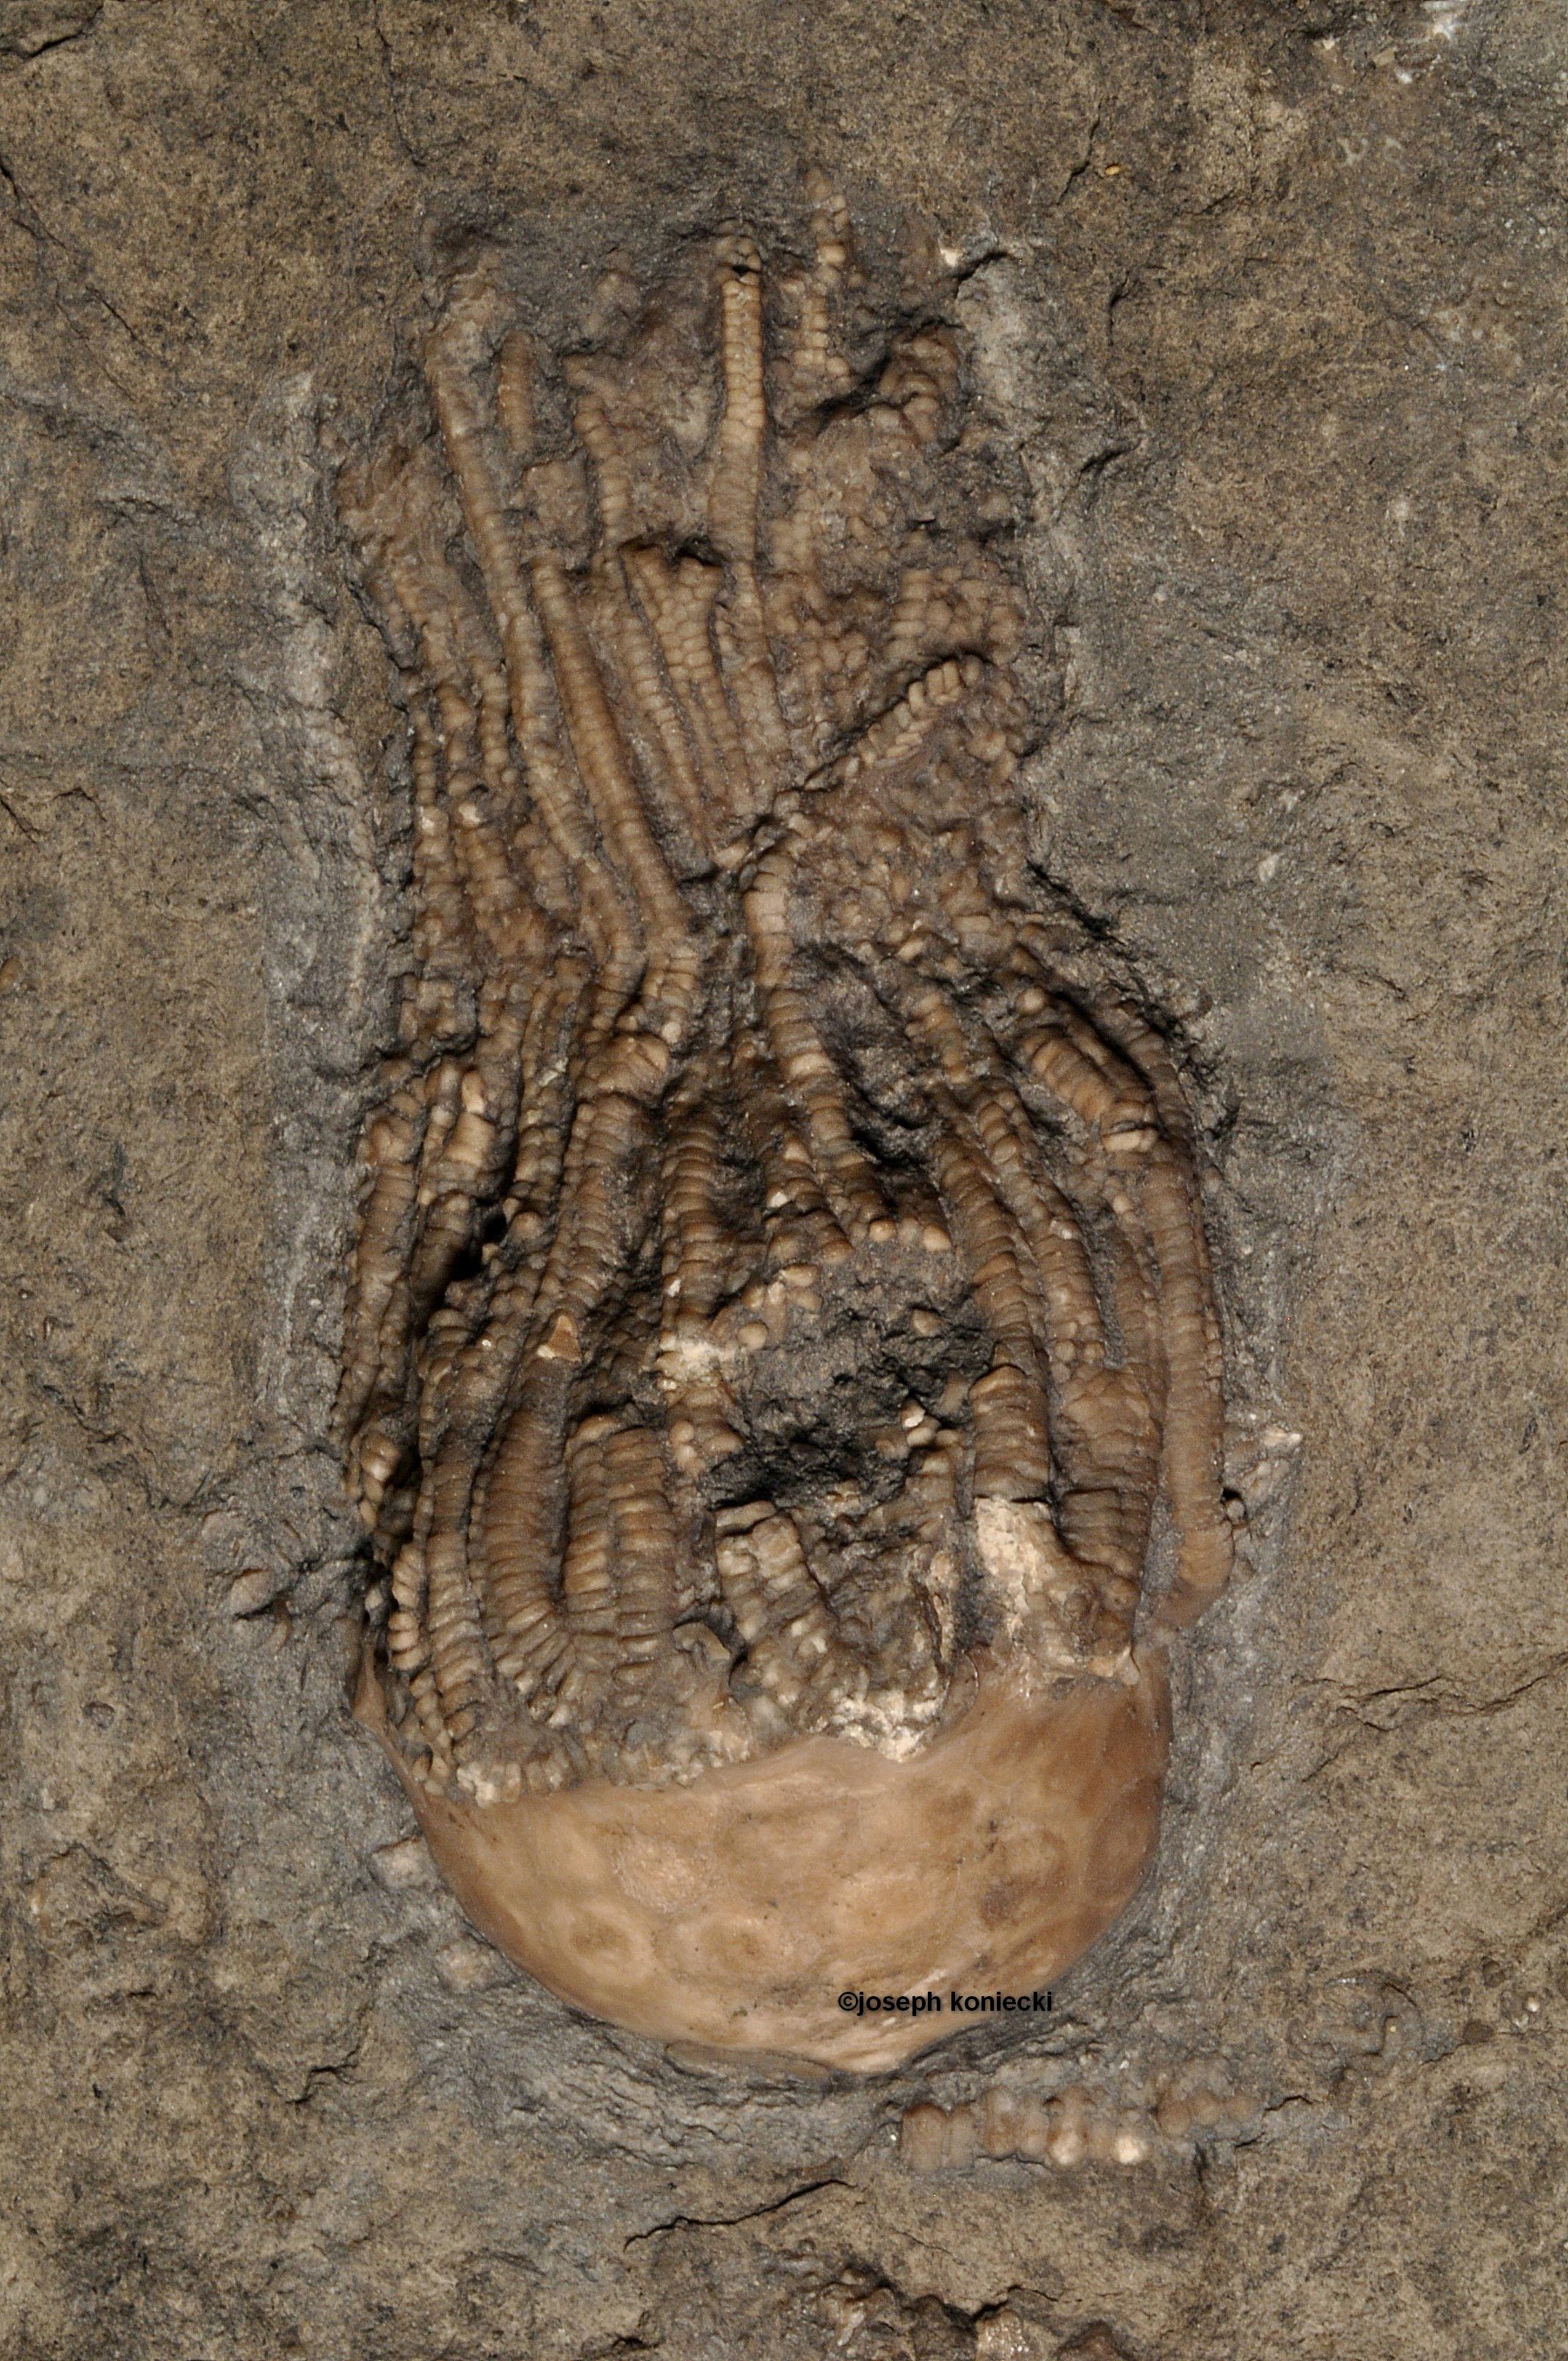 Pithocrinus